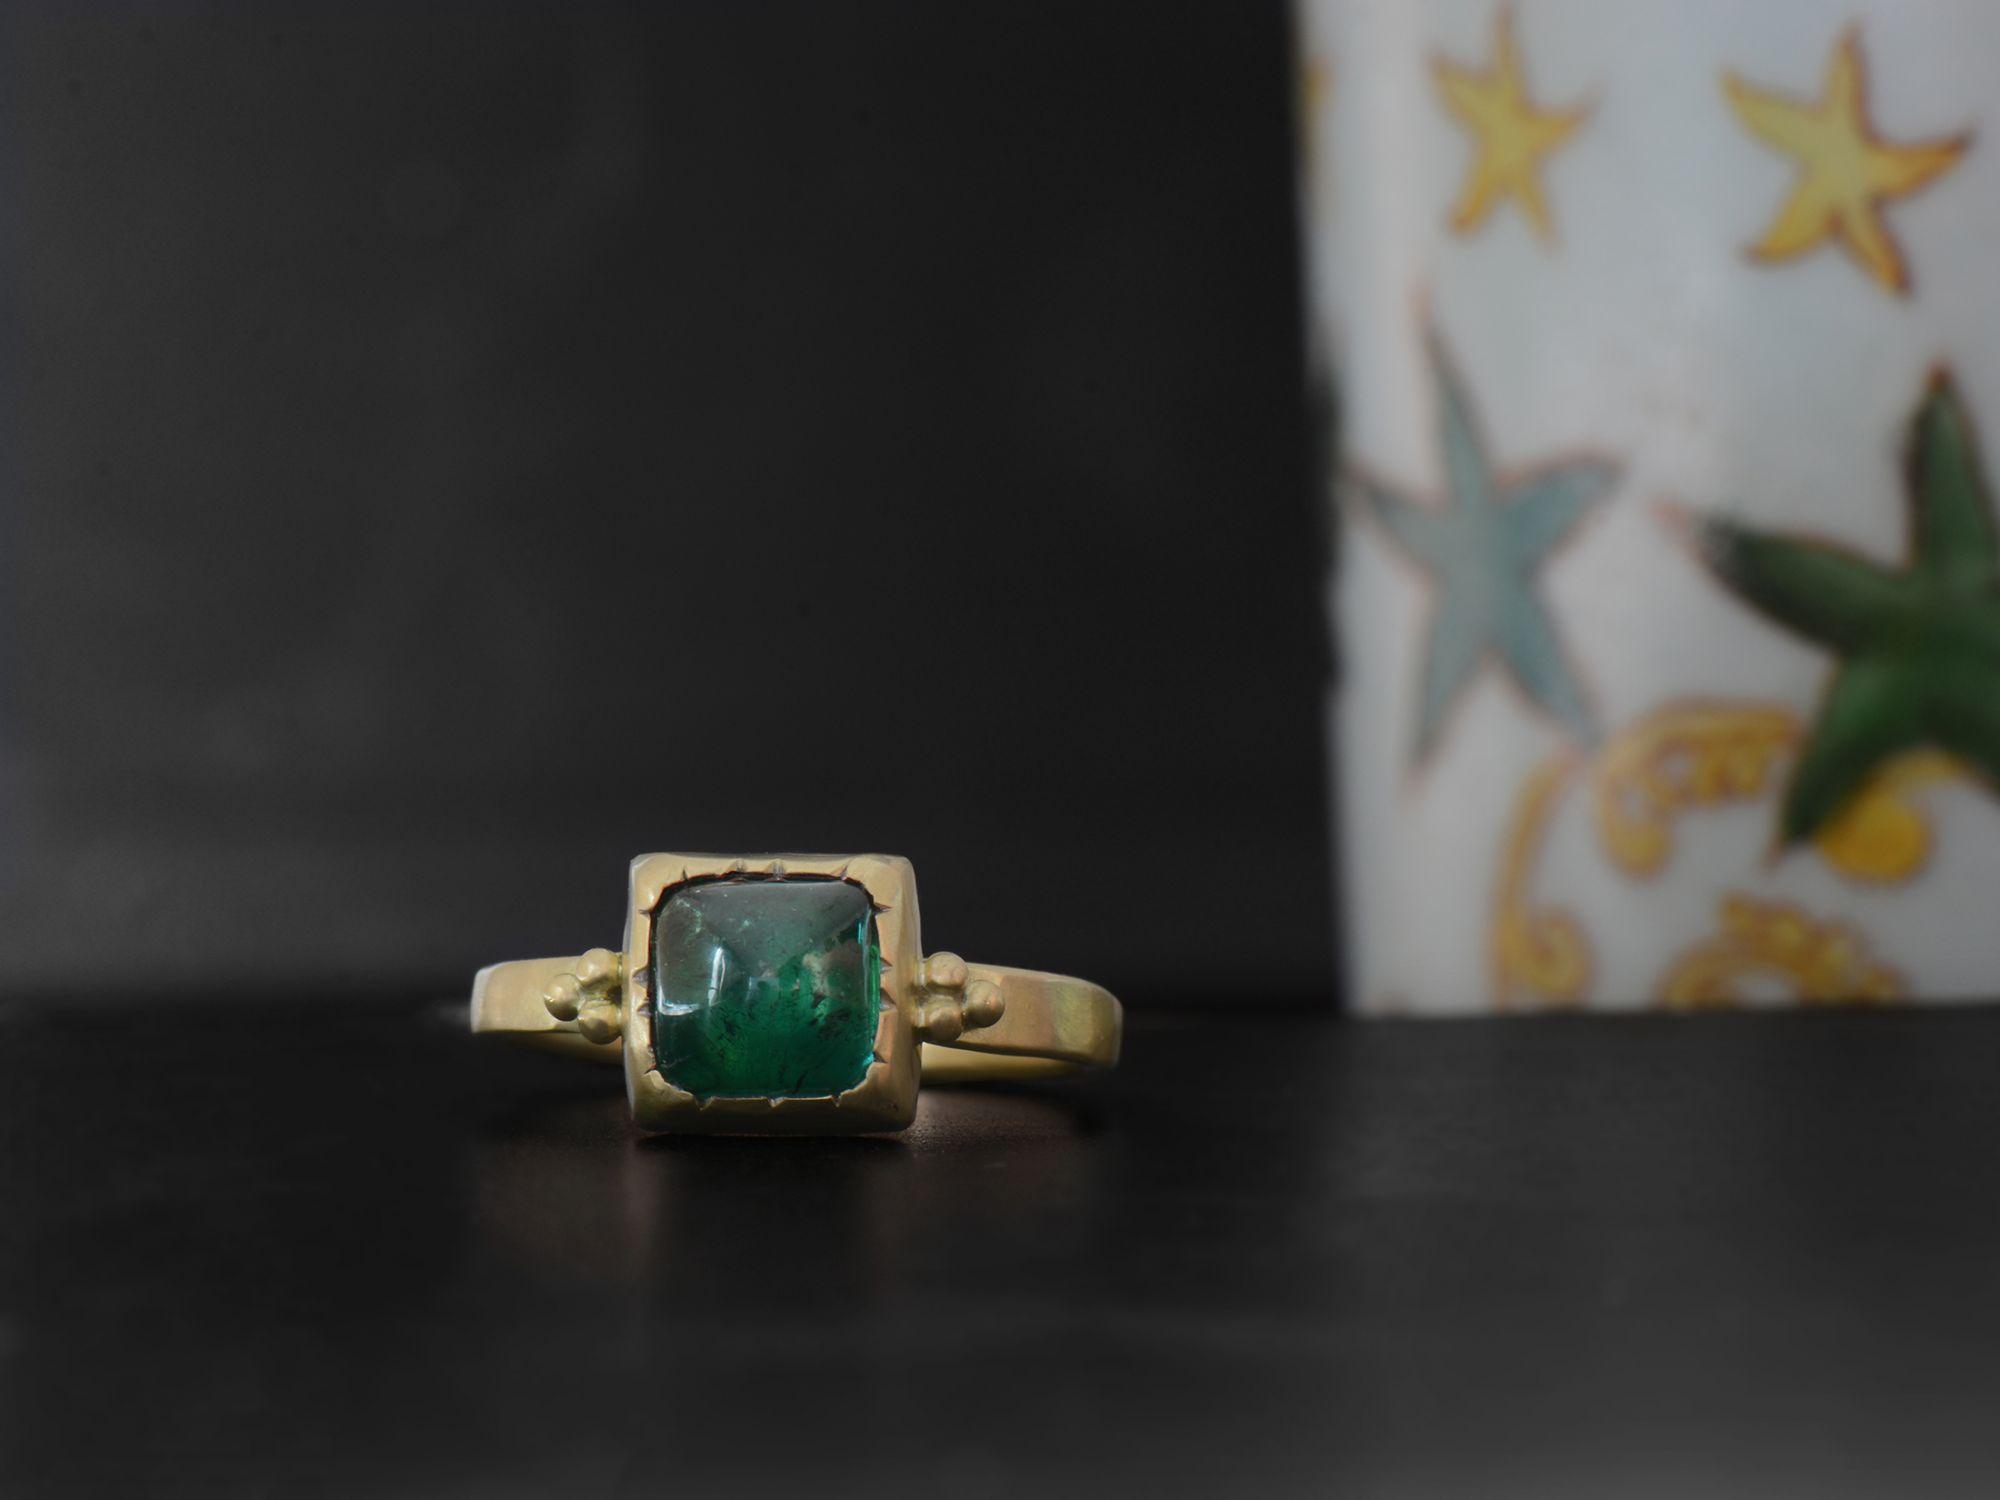 Bague Queen B or jaune tourmaline verte carrée par Emmanuelle Zysman